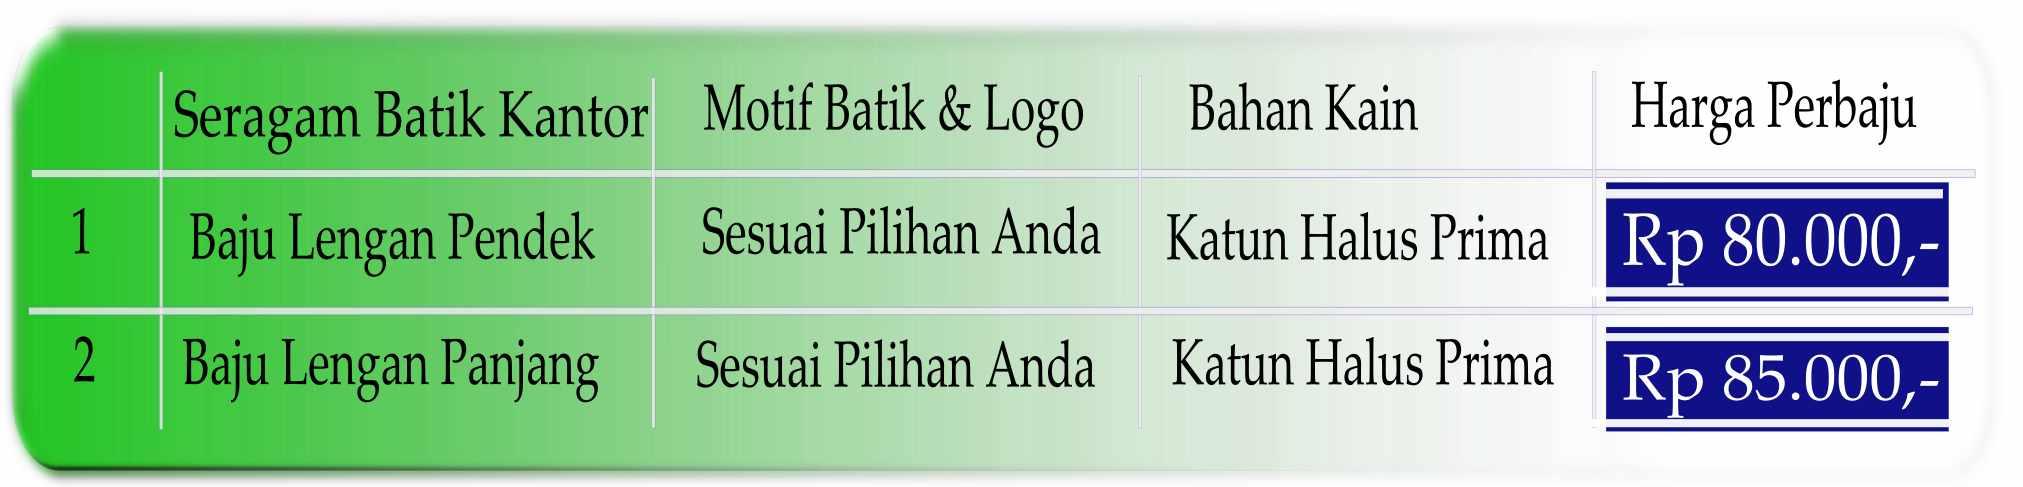 Seragam batik kantoran Bandung